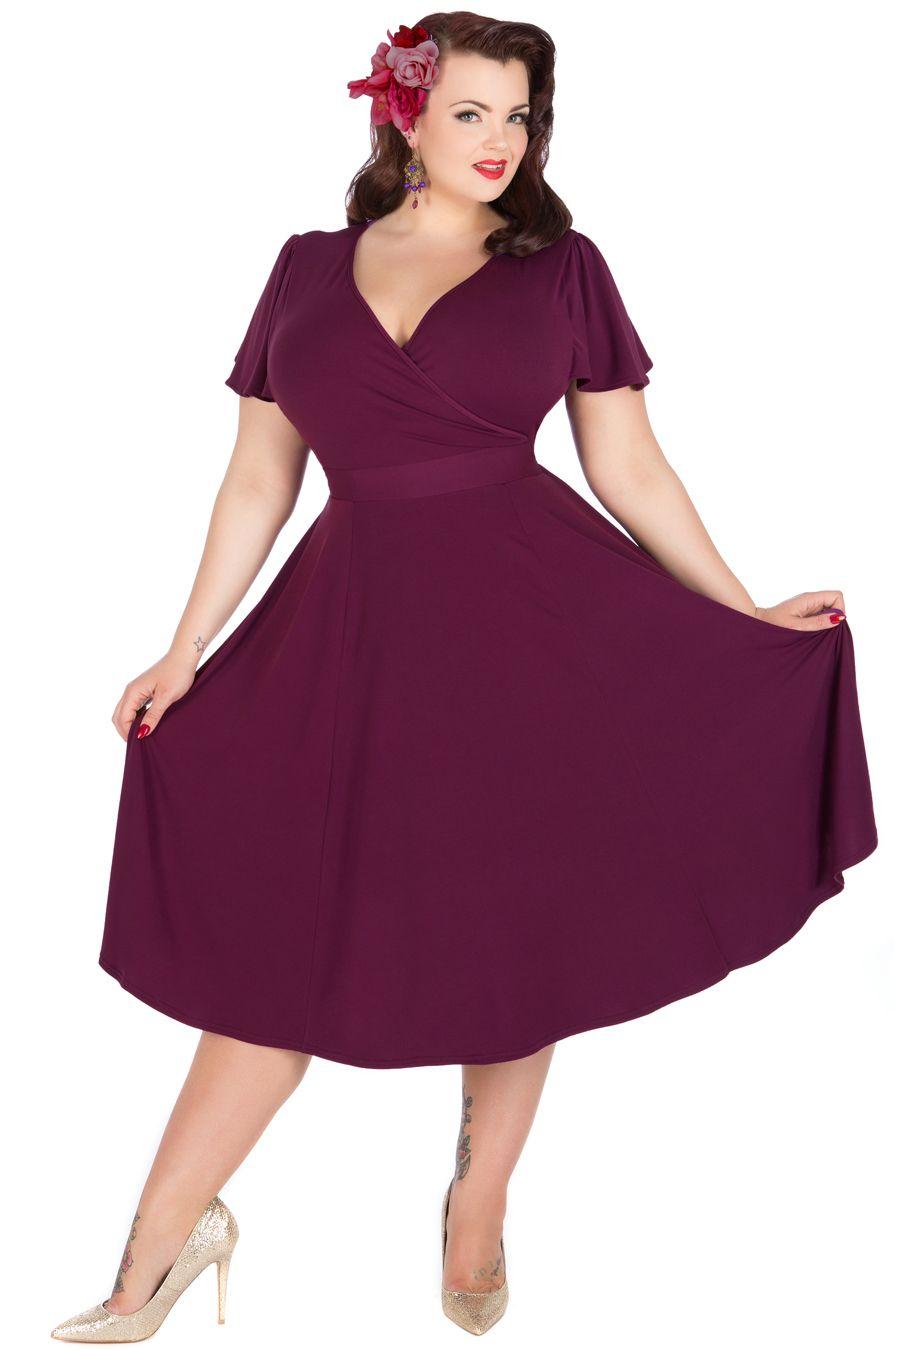 Fialové retro šaty Lady V London Lyra Šaty ve stylu 50. let pro plnoštíhlé  dámy bd530d6b66